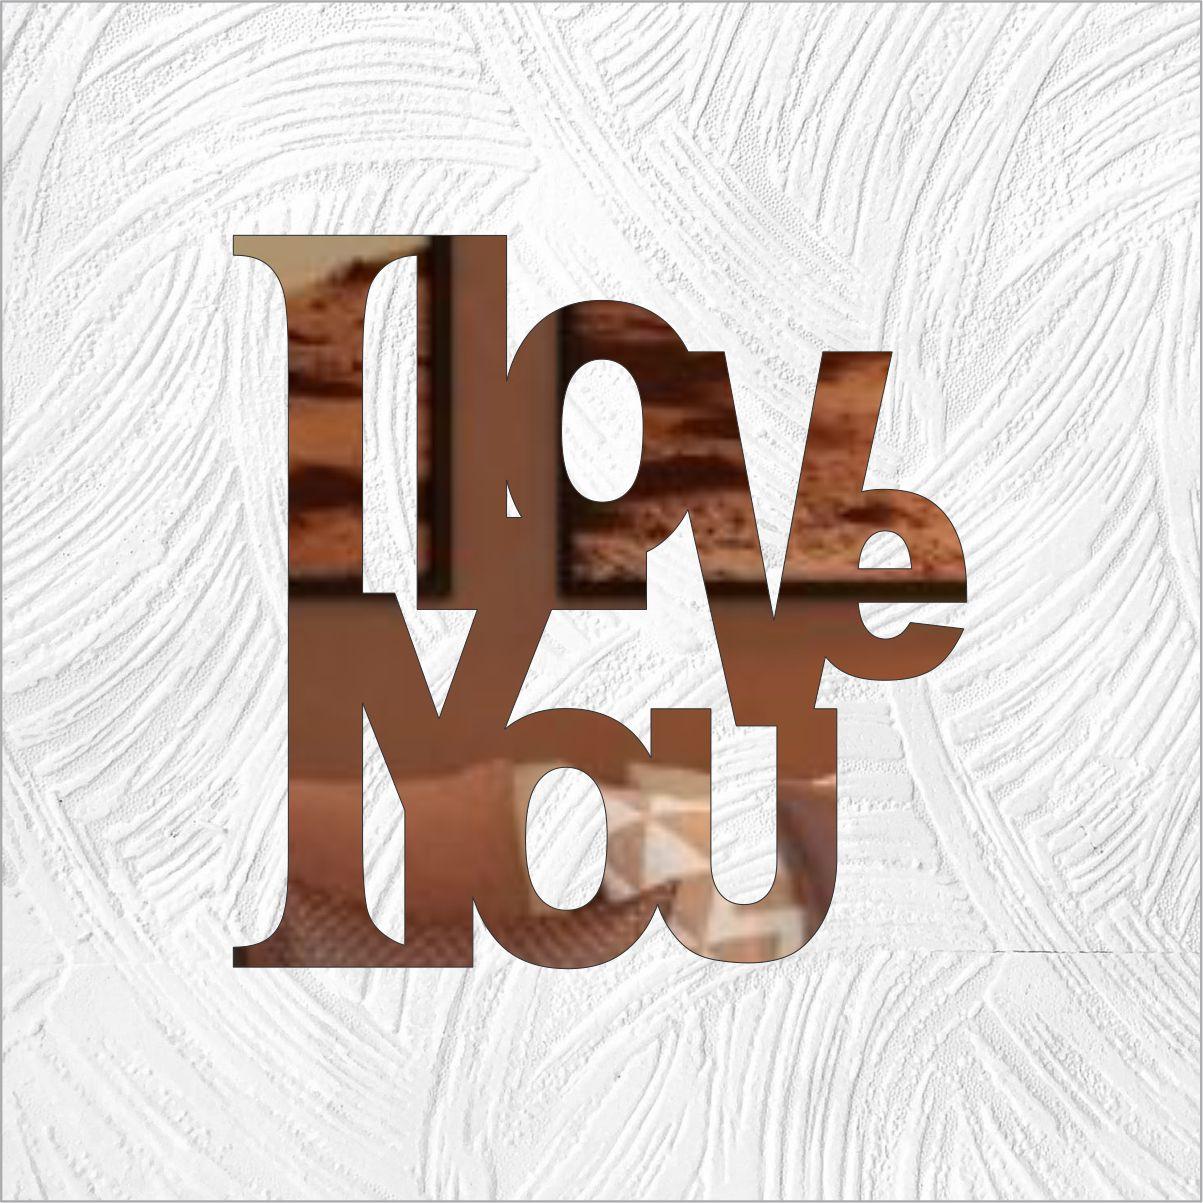 love - Produzido em acrílico espelhado